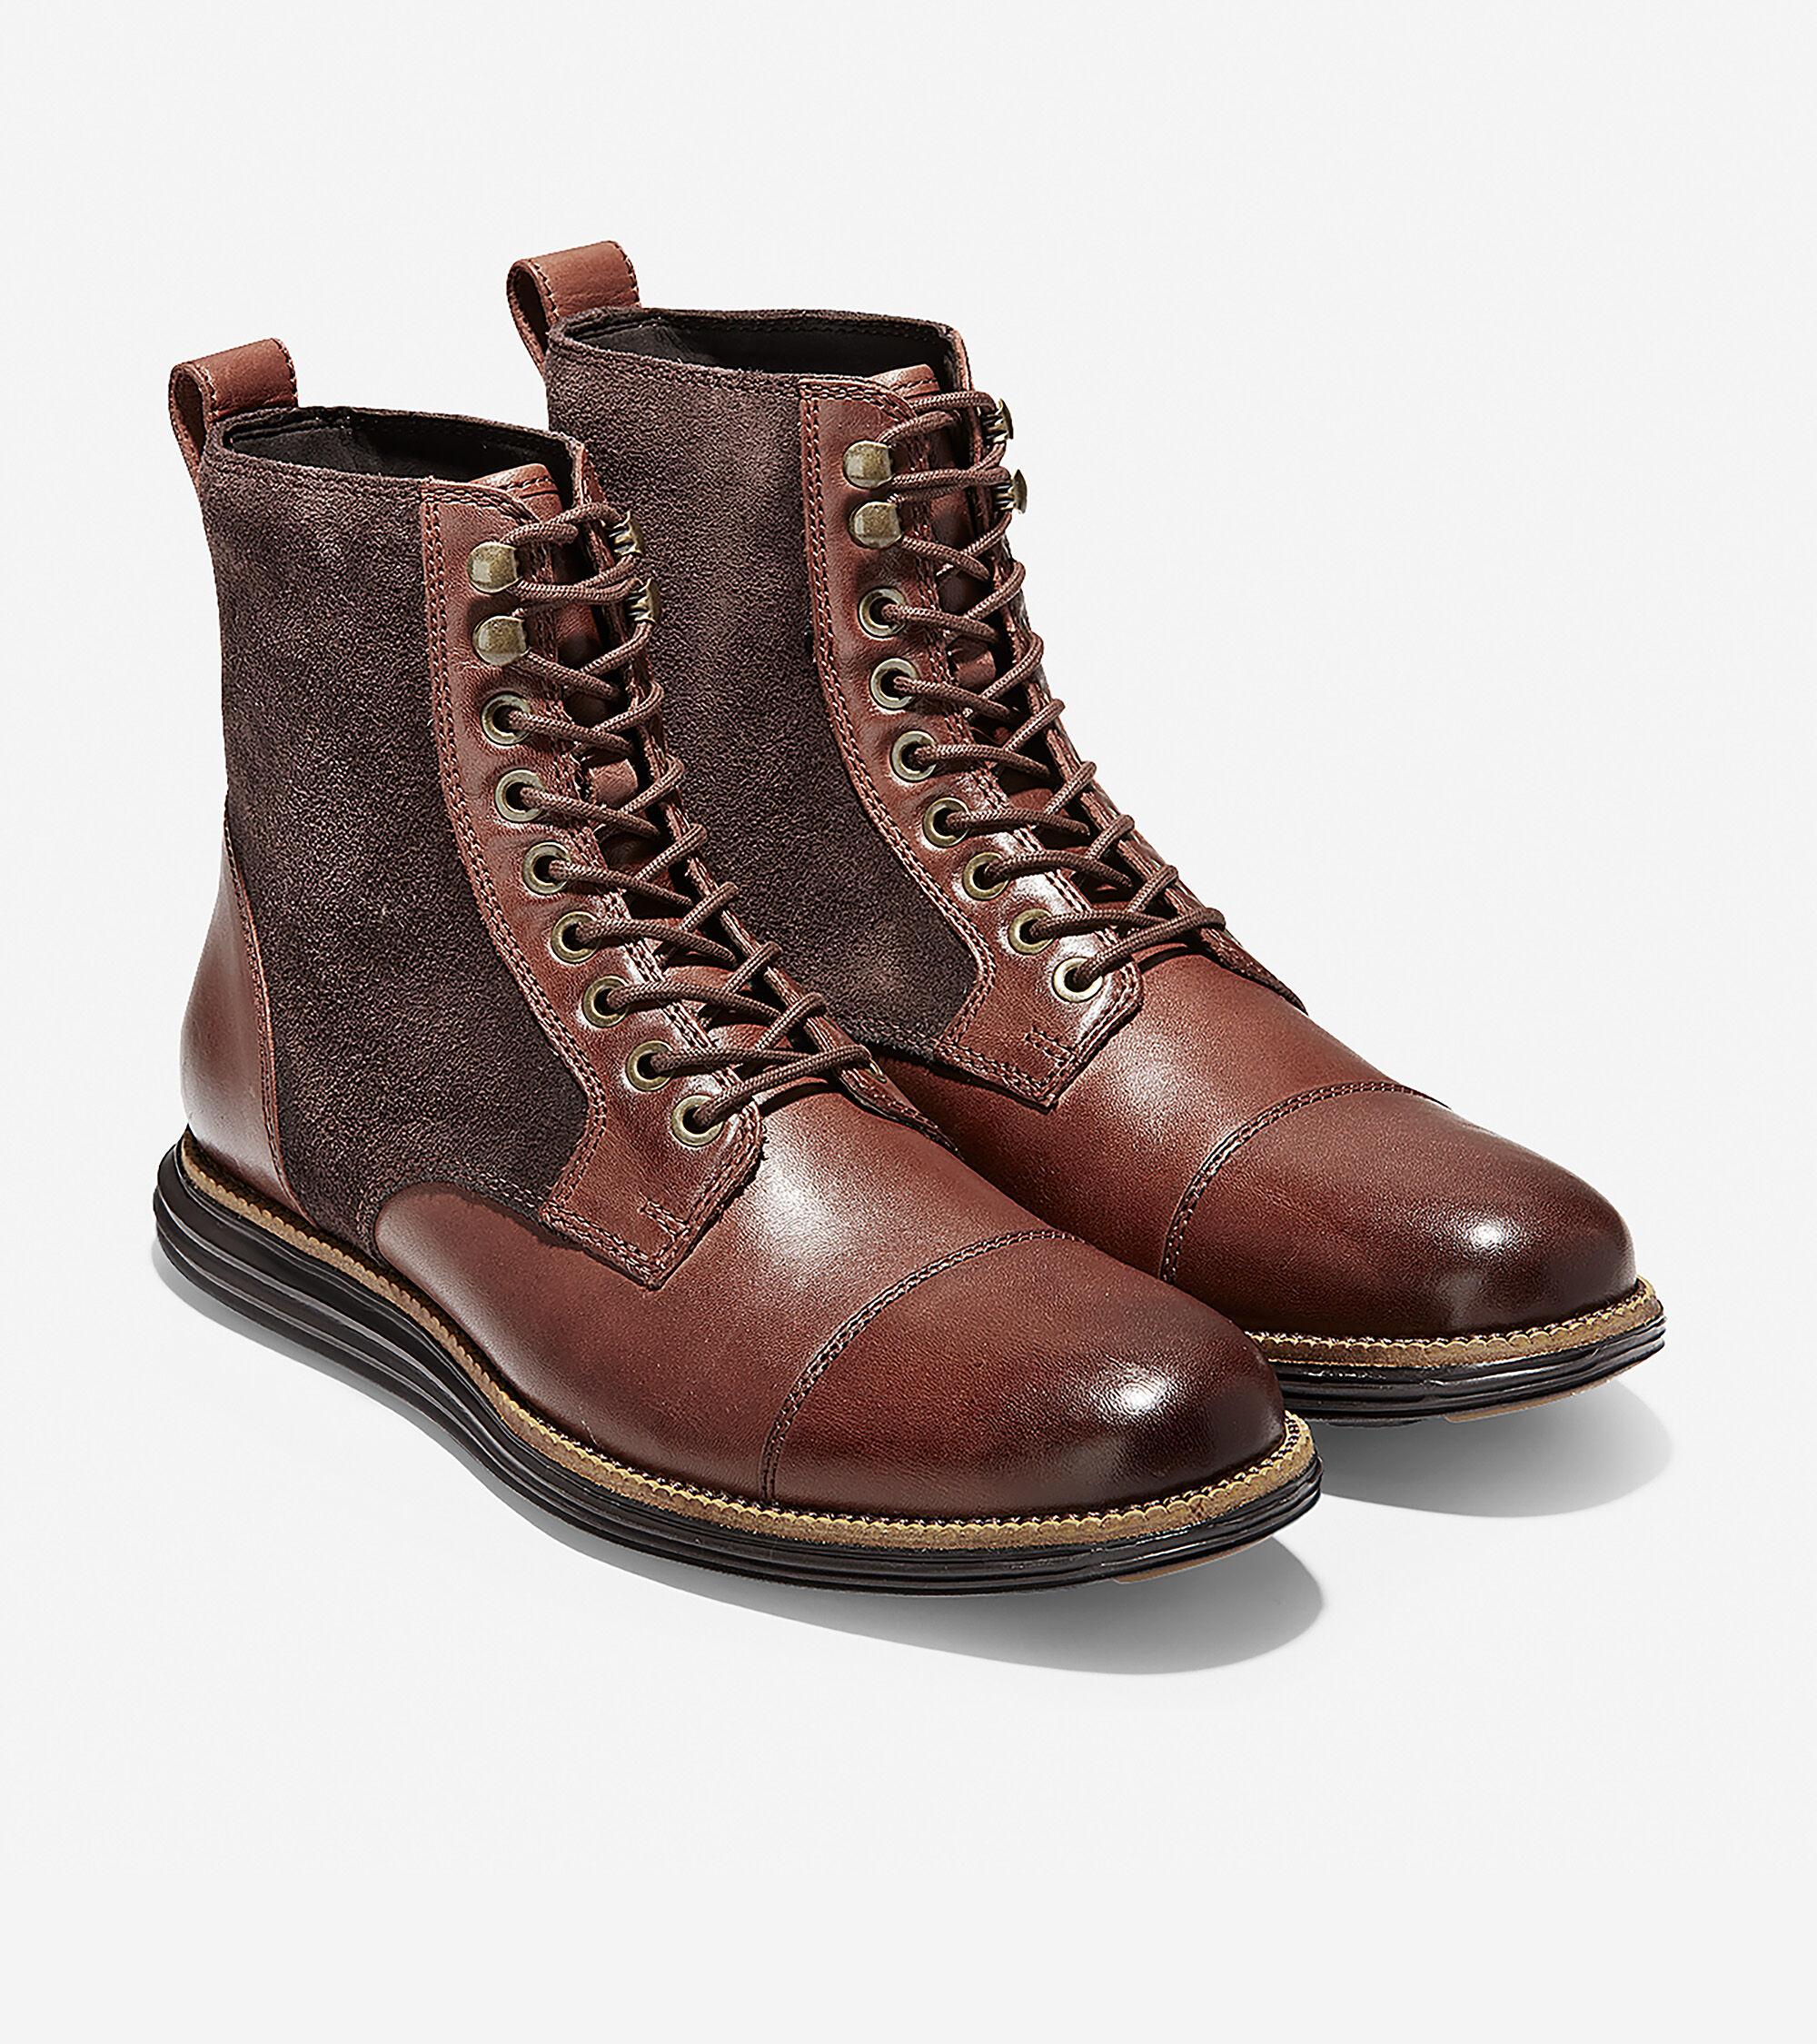 Cap Toe Boot in Brown-black